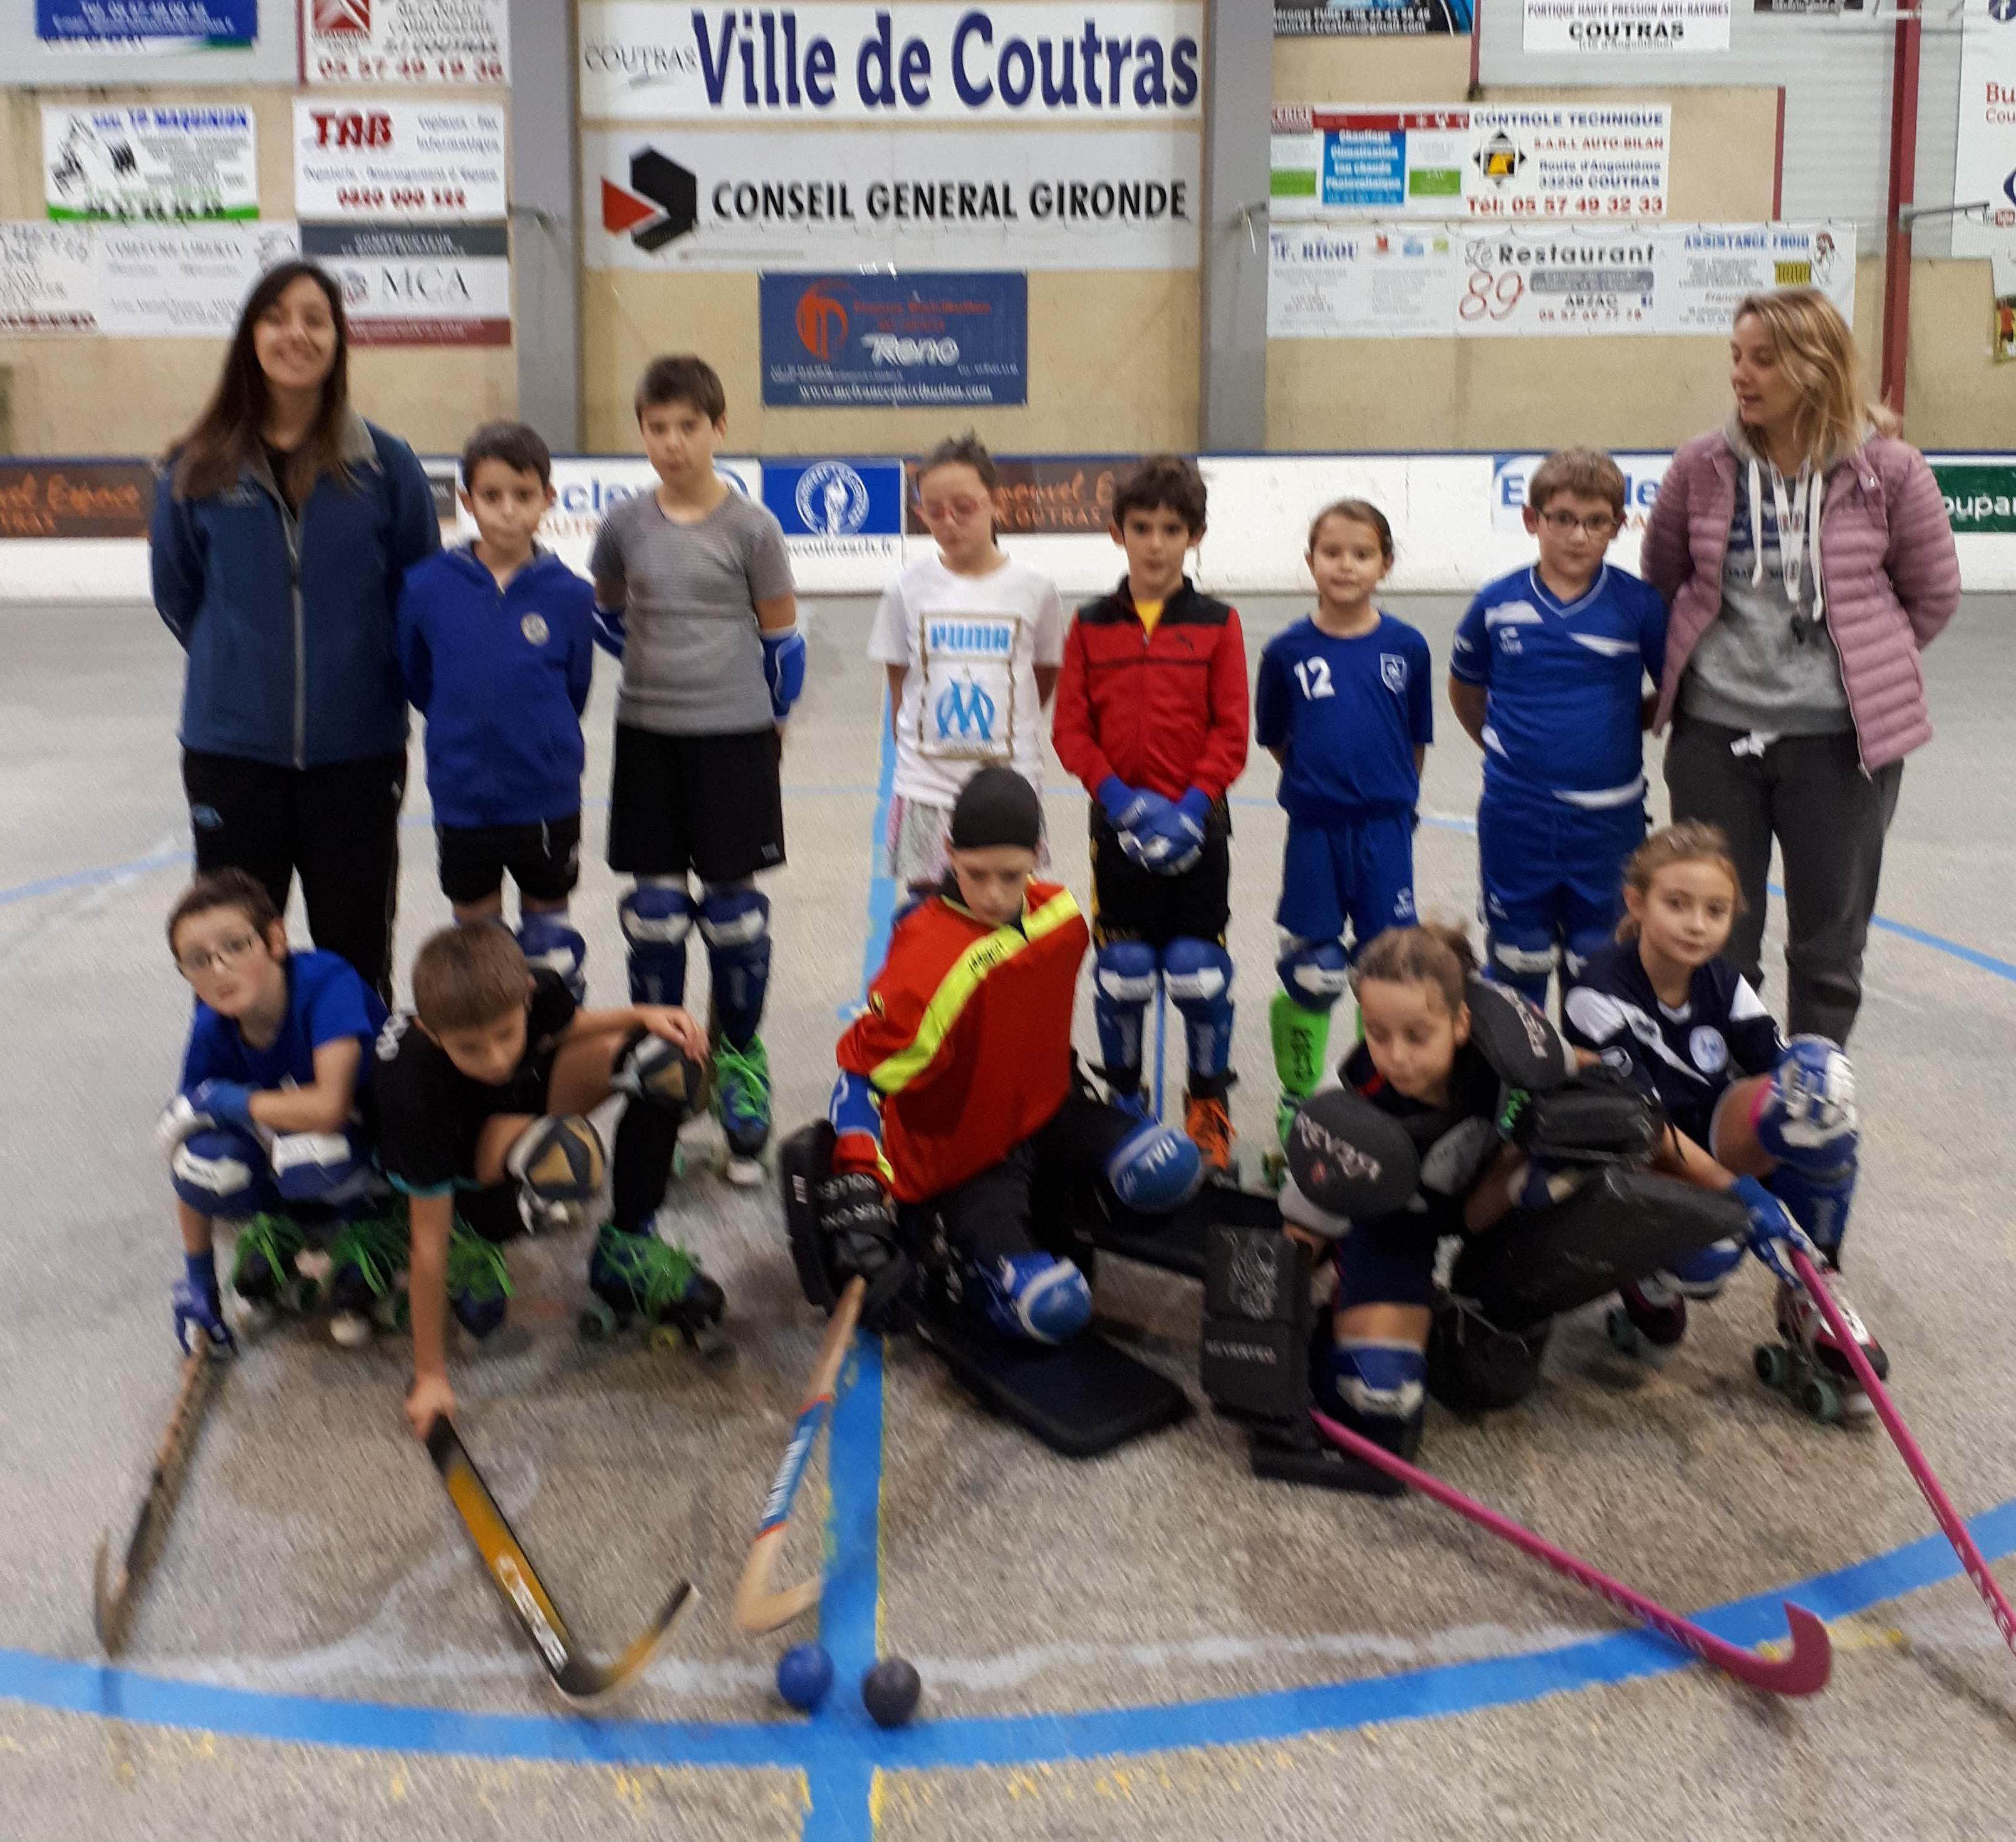 4 journées de stage cette semaine à la patinoire pour nos jeunes sous les  conseils de Céline et Romina. Du travail mais aussi beaucoup de bonne  humeur ... ac9ce9f9ff00